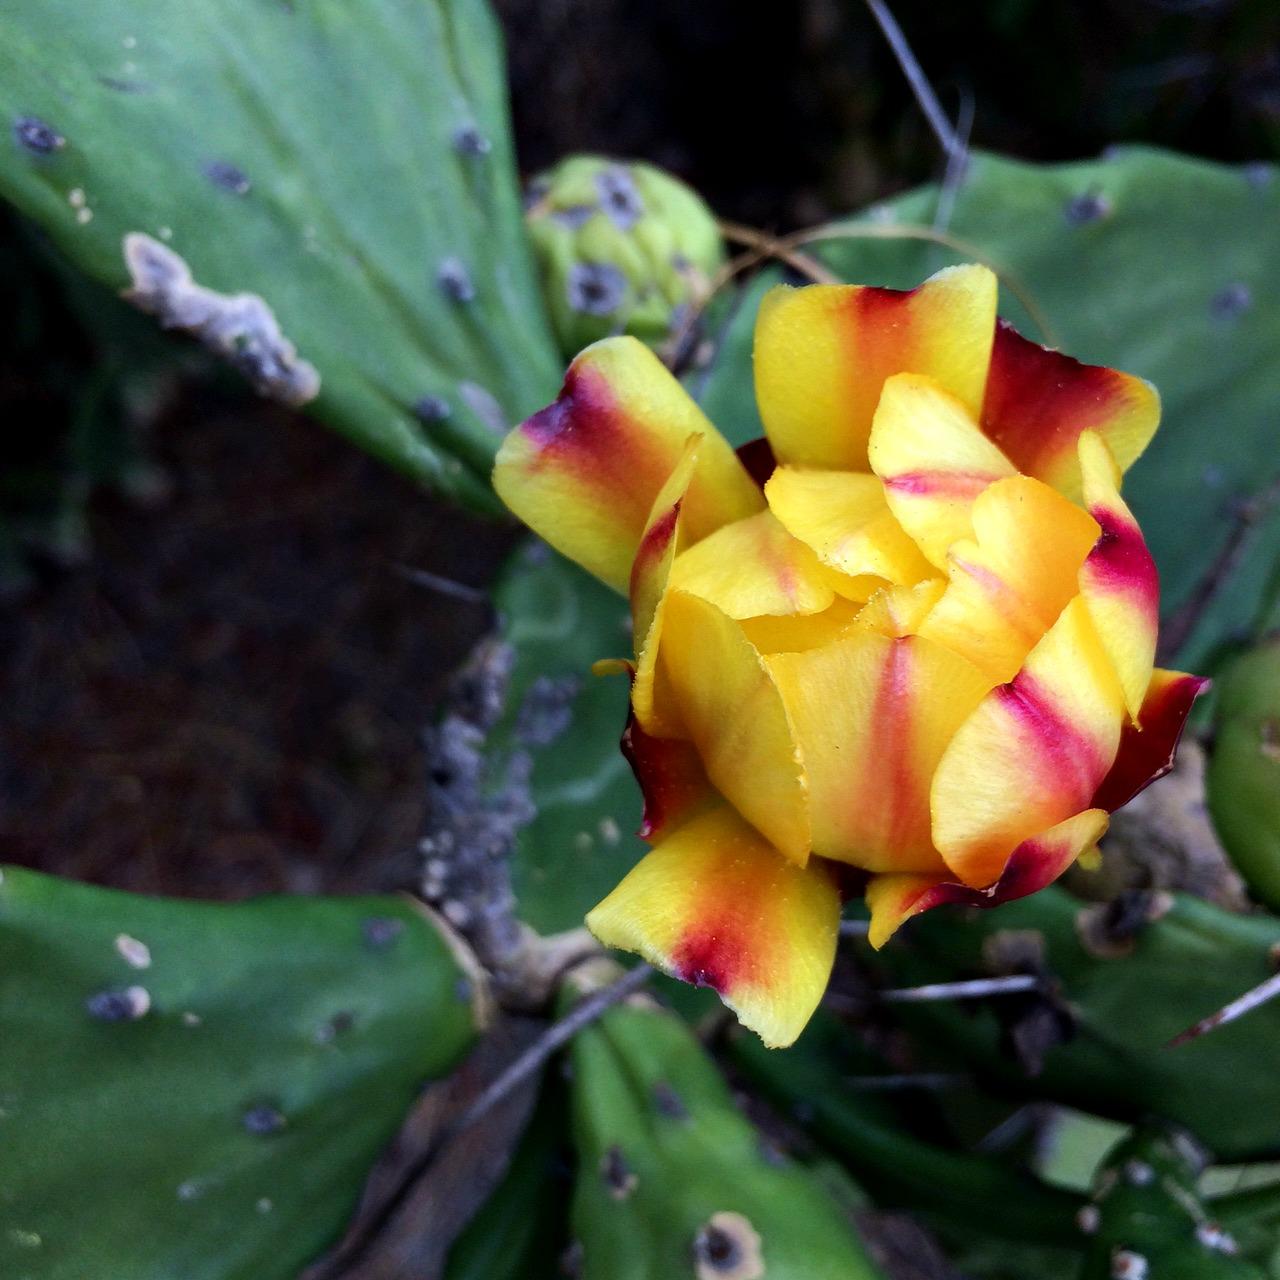 Balboa Park Cactus Garden Flowers